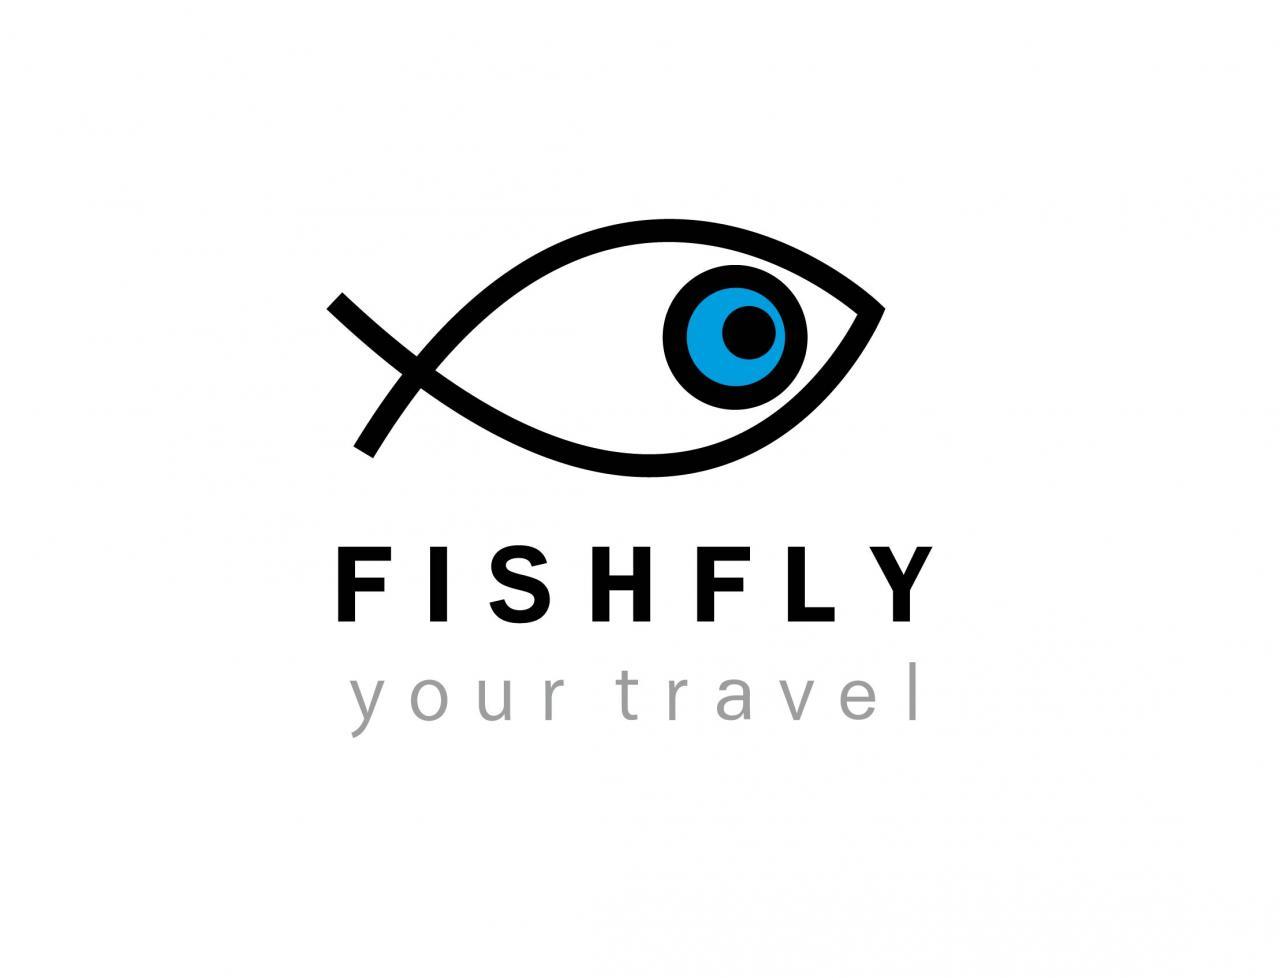 Нажмите на изображение для увеличения.  Название:Fishfly.jpg Просмотров:159 Размер:40.3 Кб ID:427523